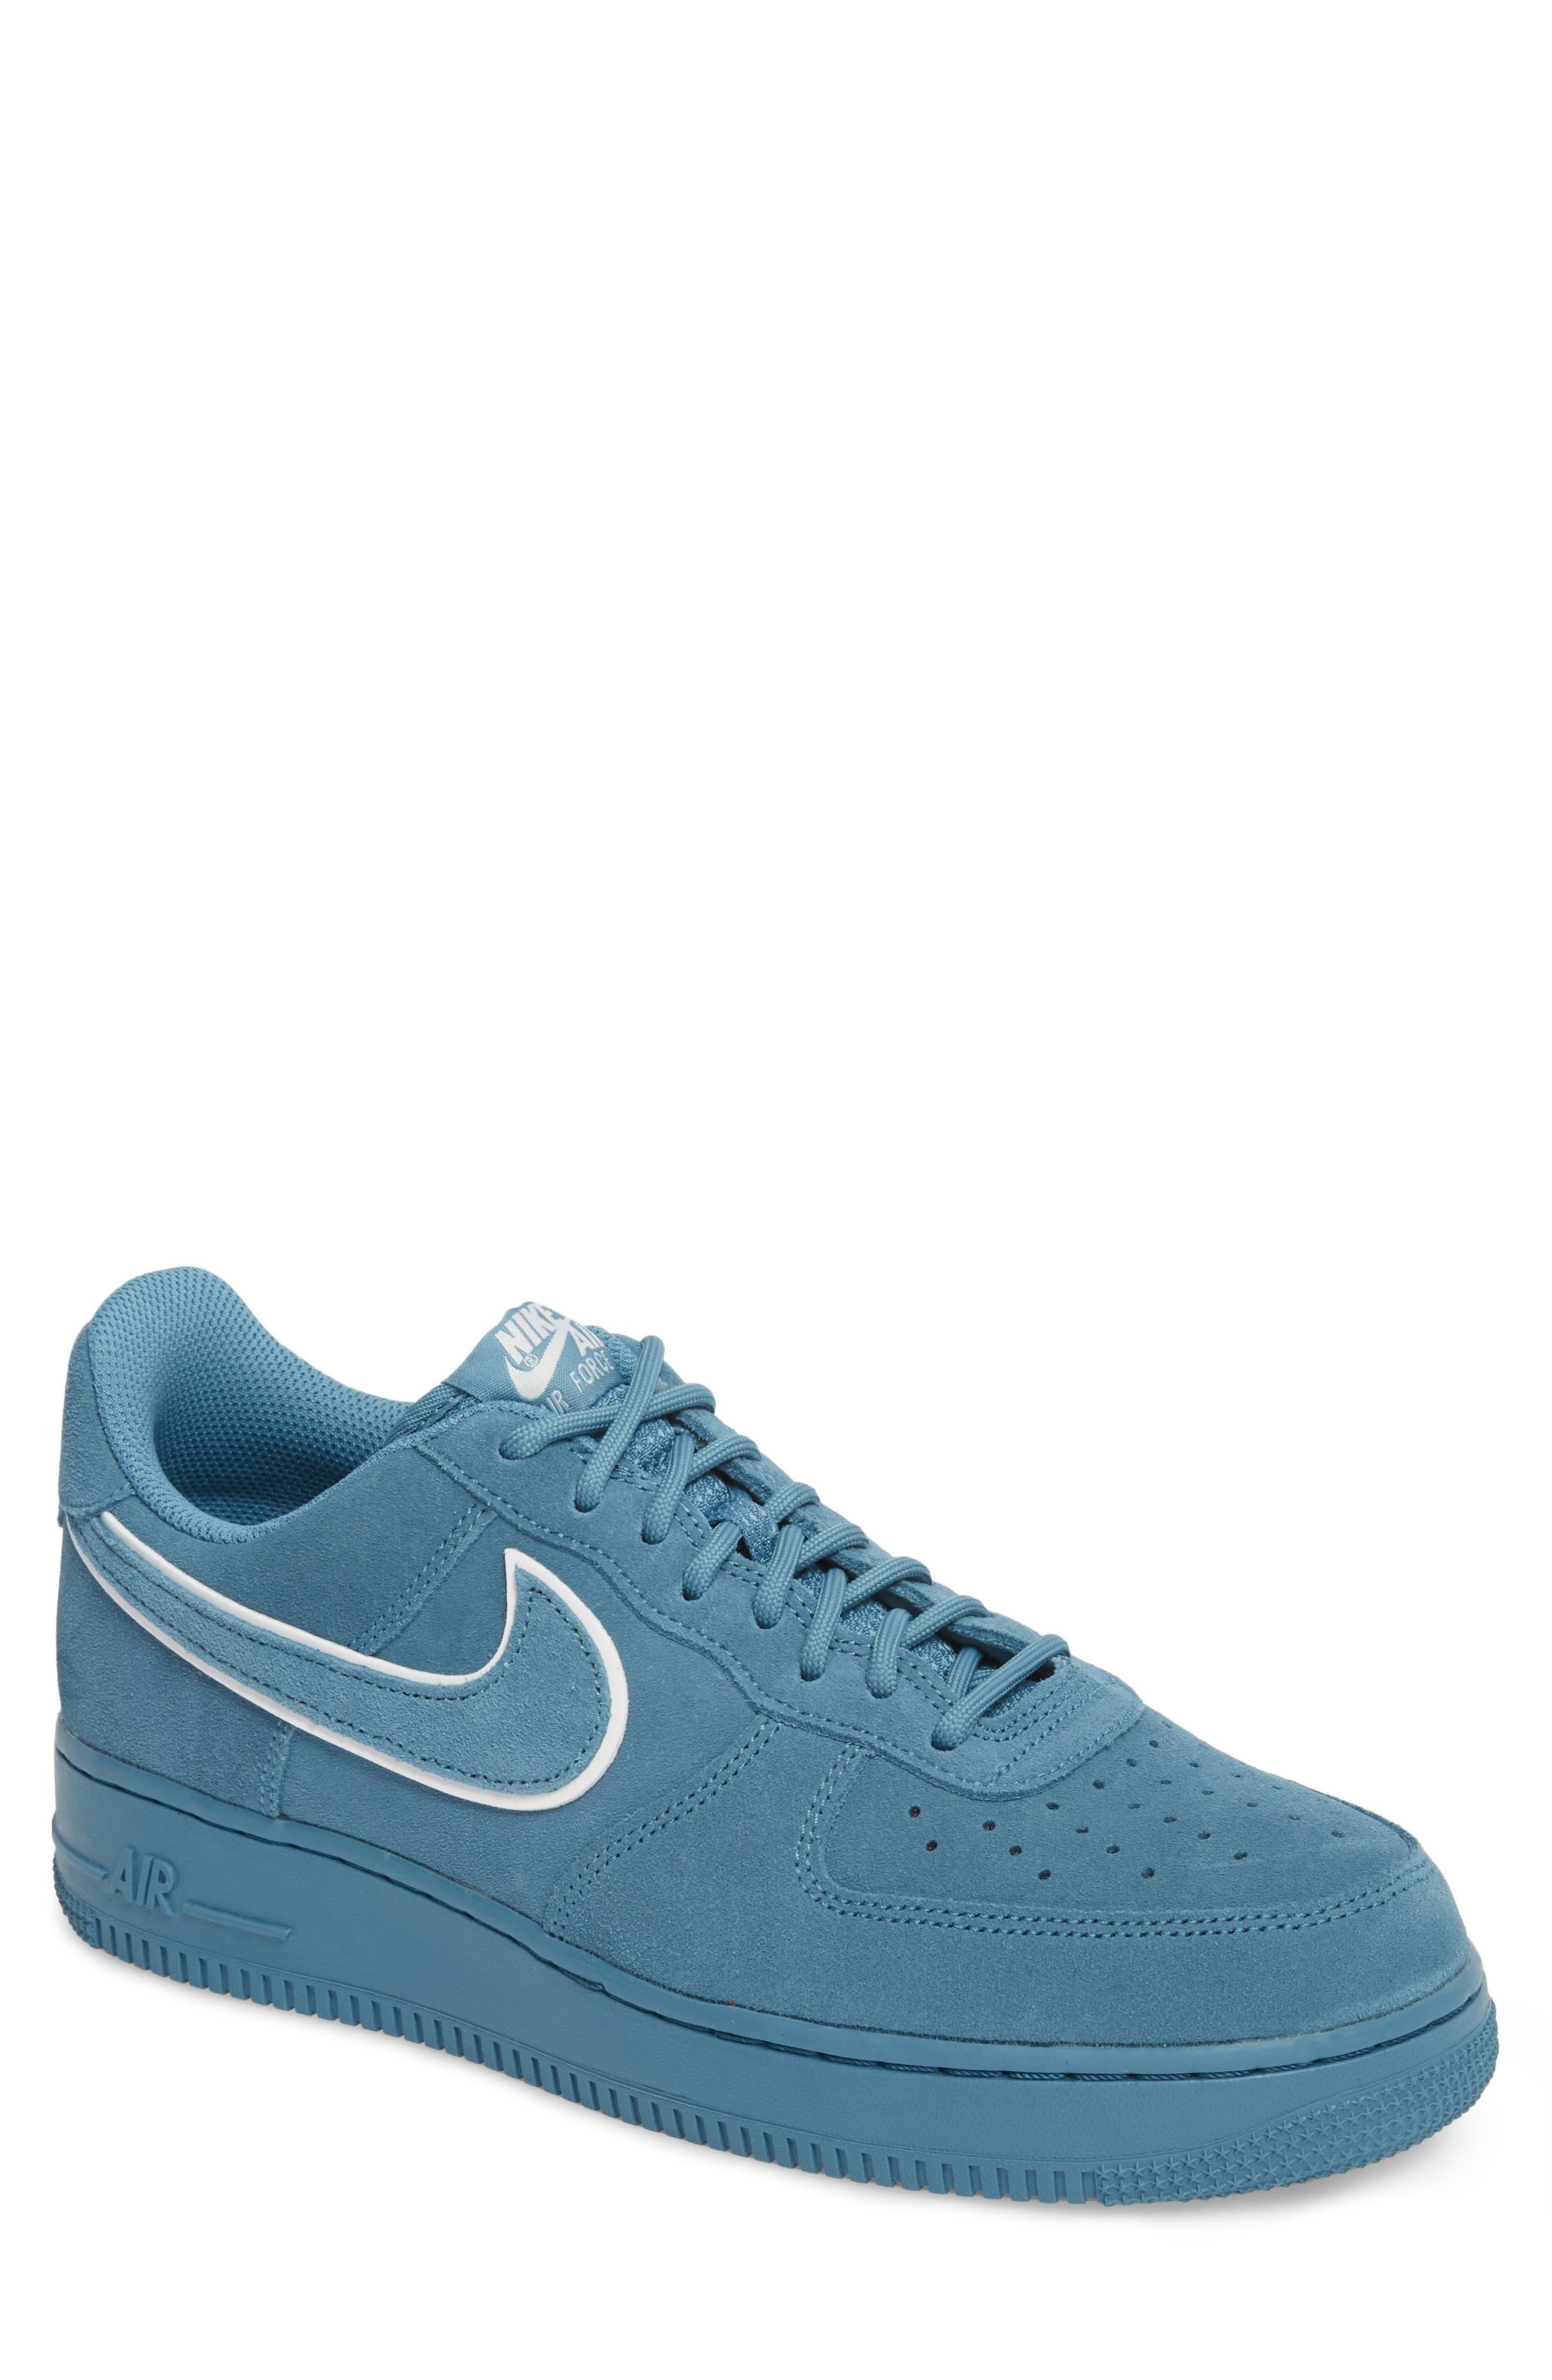 Nike Air Force 1 '07 Low LV8 Sneaker (Men)